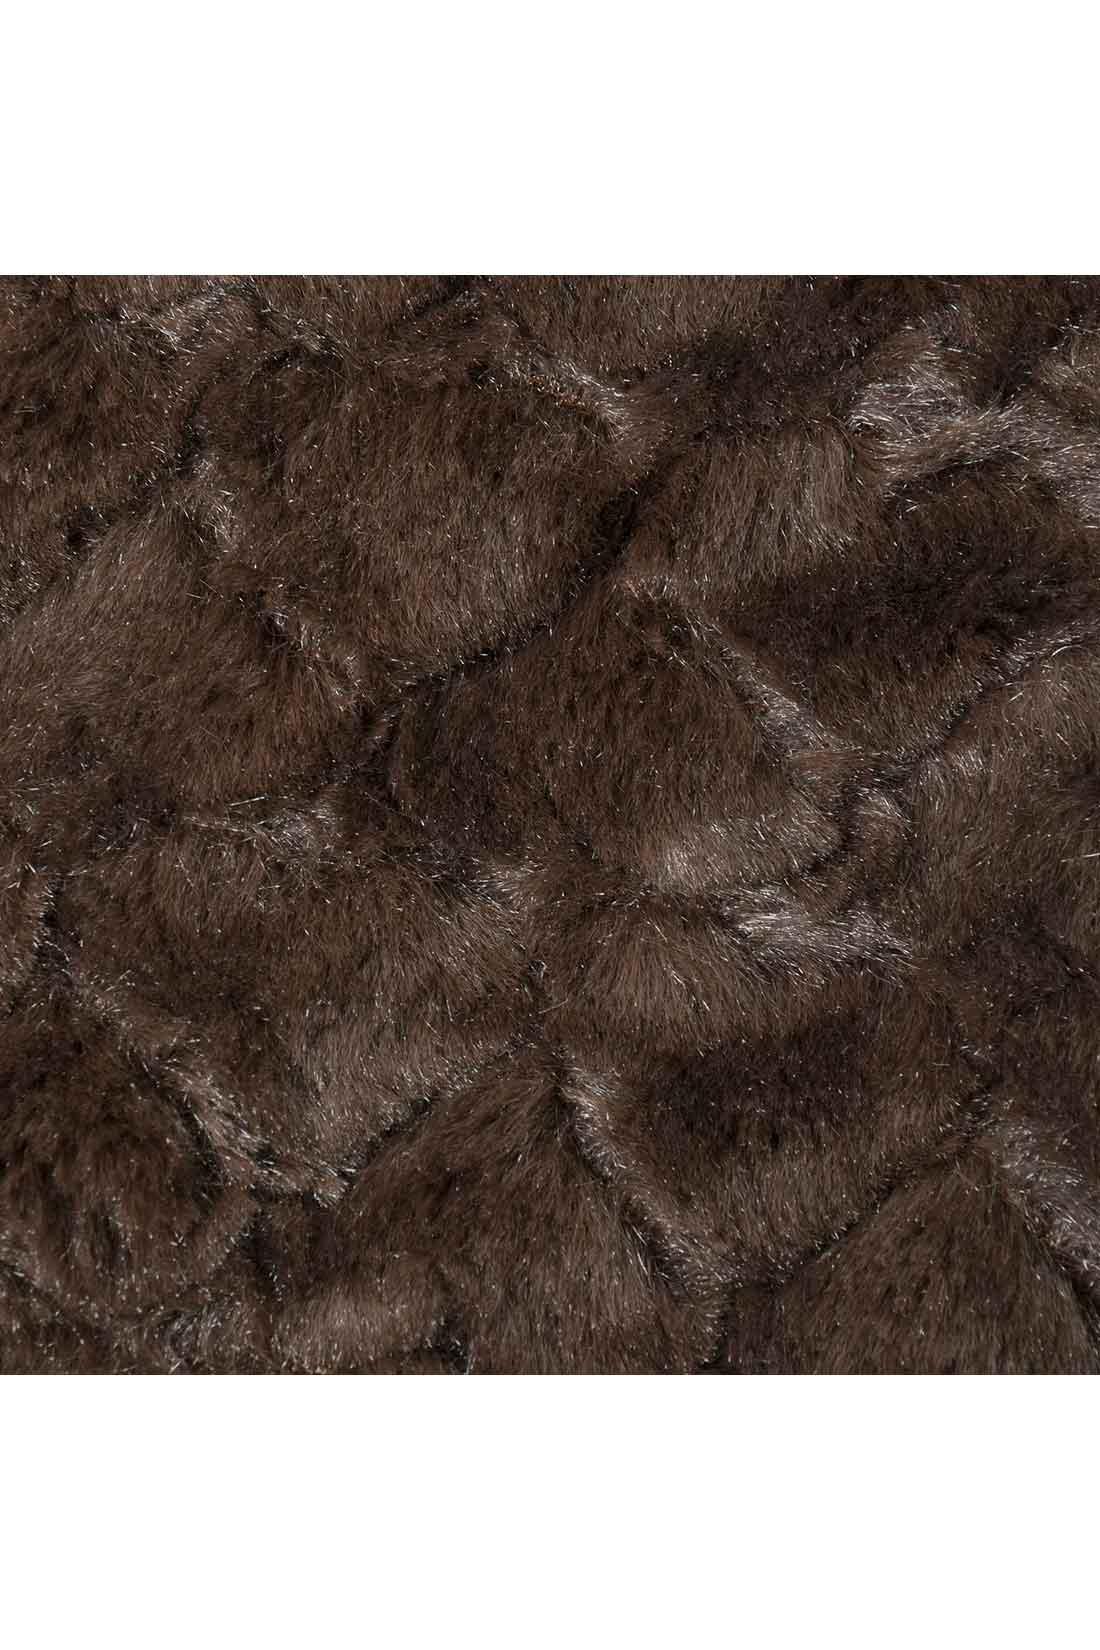 毛並みが美しい、リッチな質感のフェイクファー。